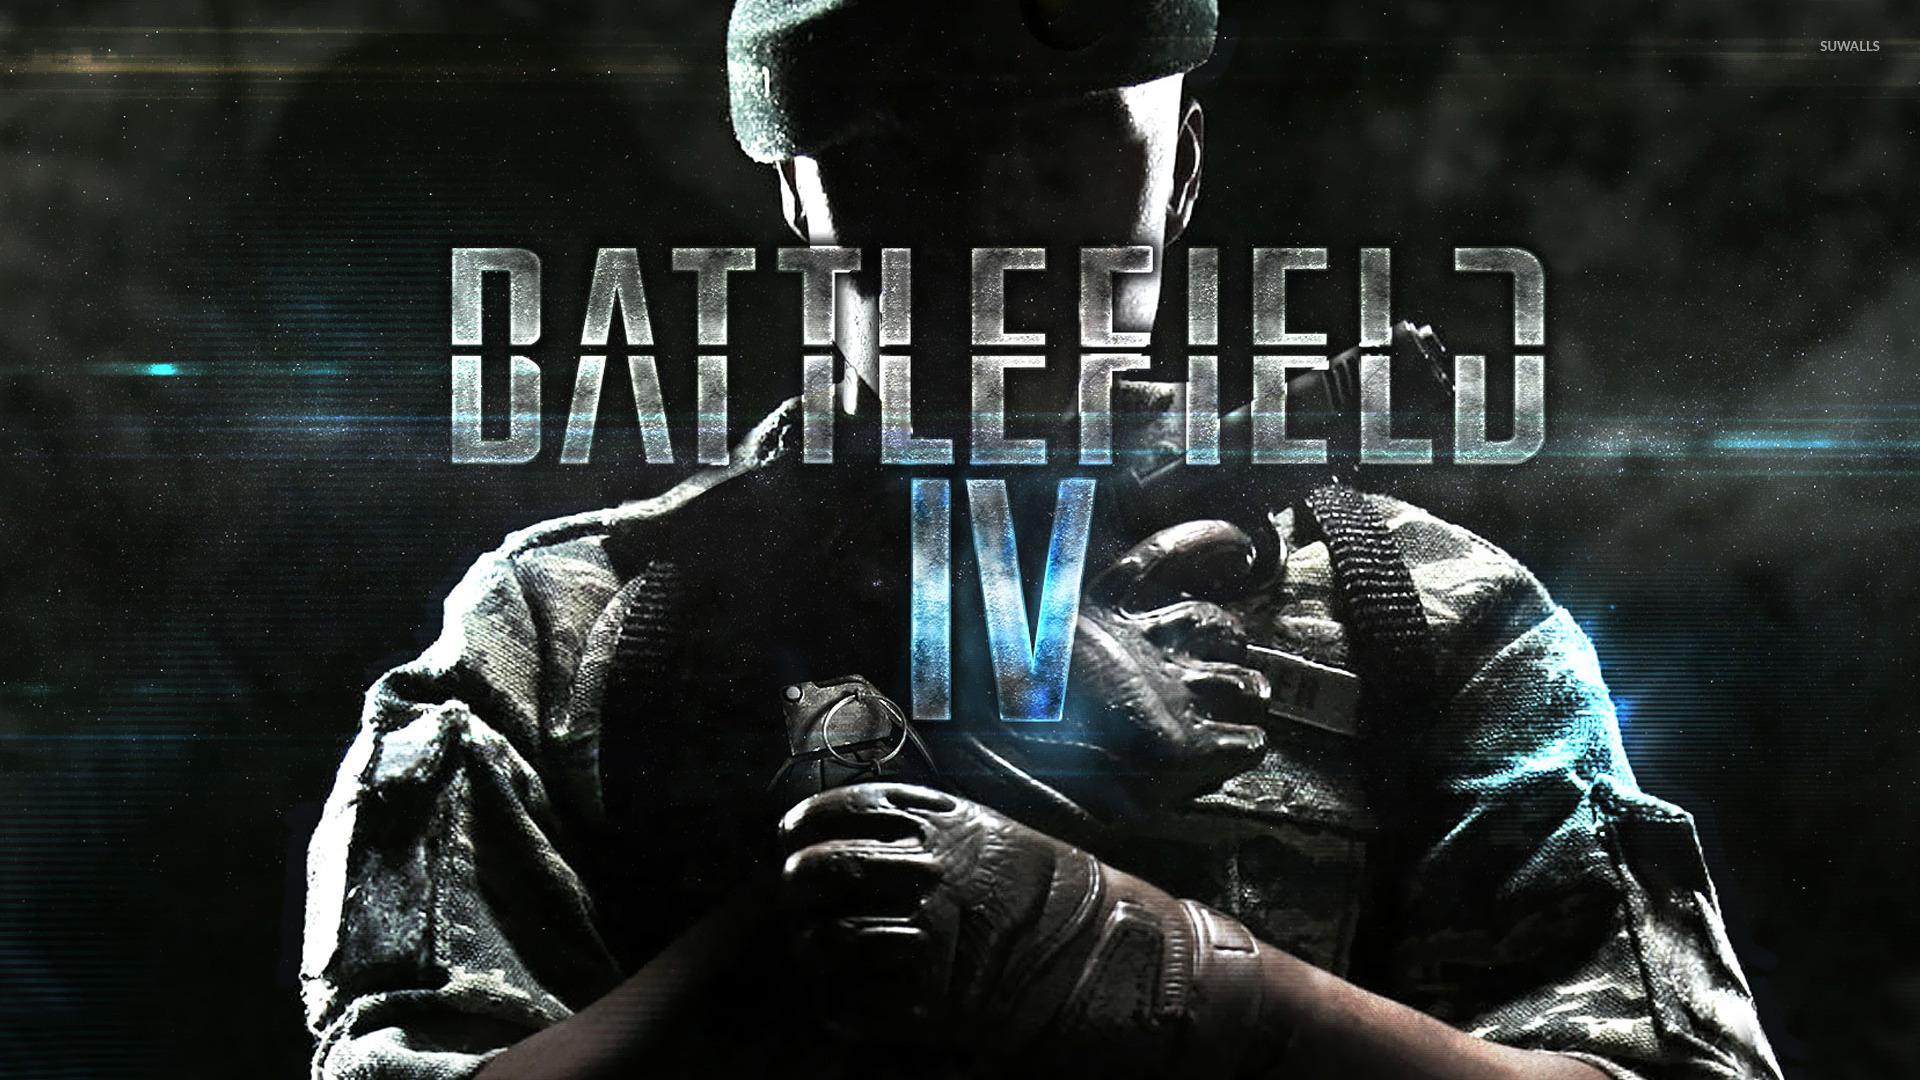 Battlefield 4 wallpaper   Game wallpapers   18514 1920x1080